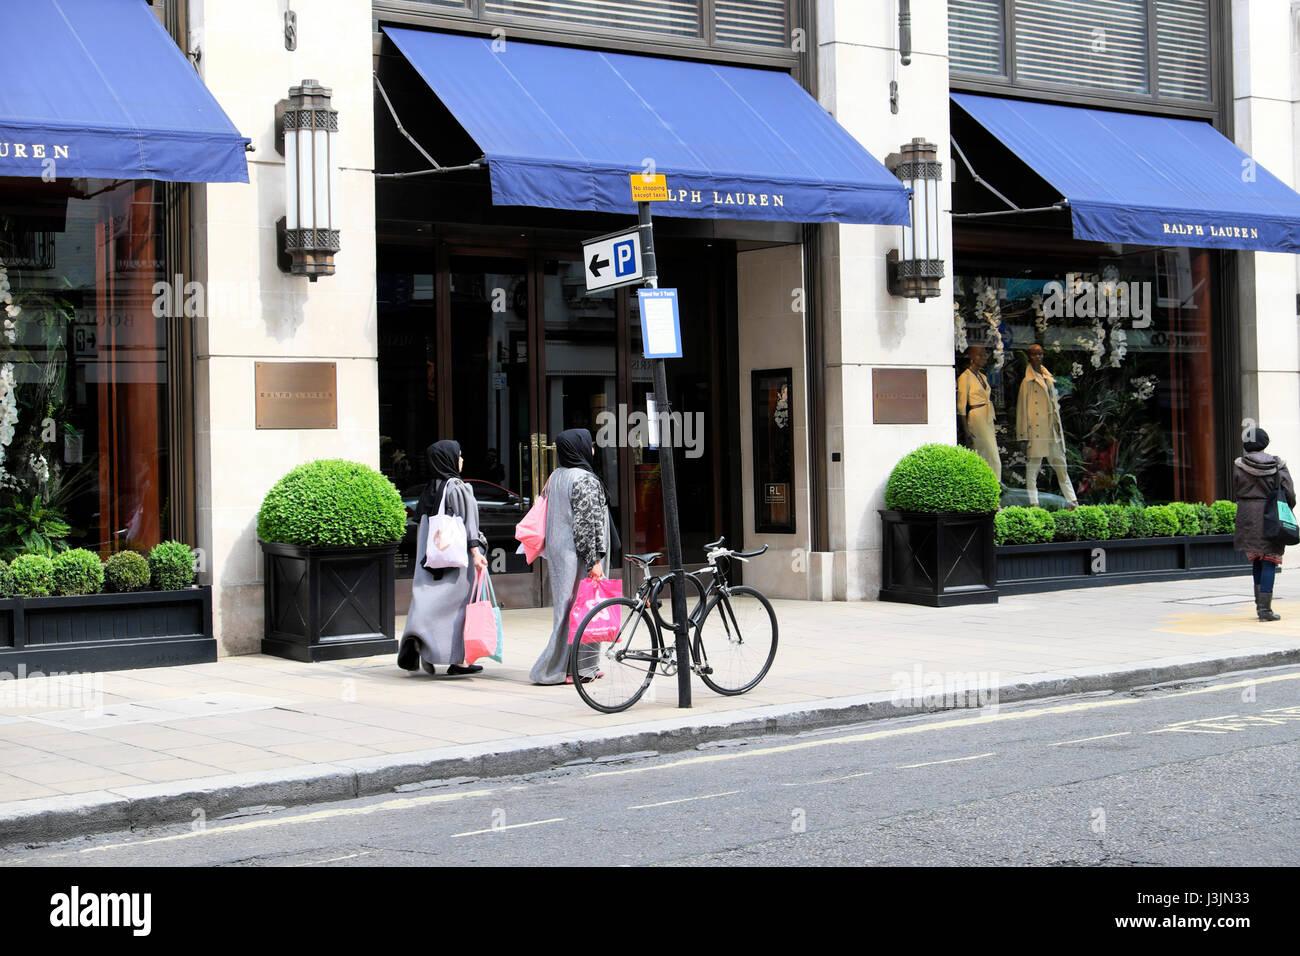 Muslimische Frauen Shopper in Hijabs mit Einkaufstüten zu Fuß vorbei an  amerikanischen Ralph Lauren Store Stockbild fbd3b7b061